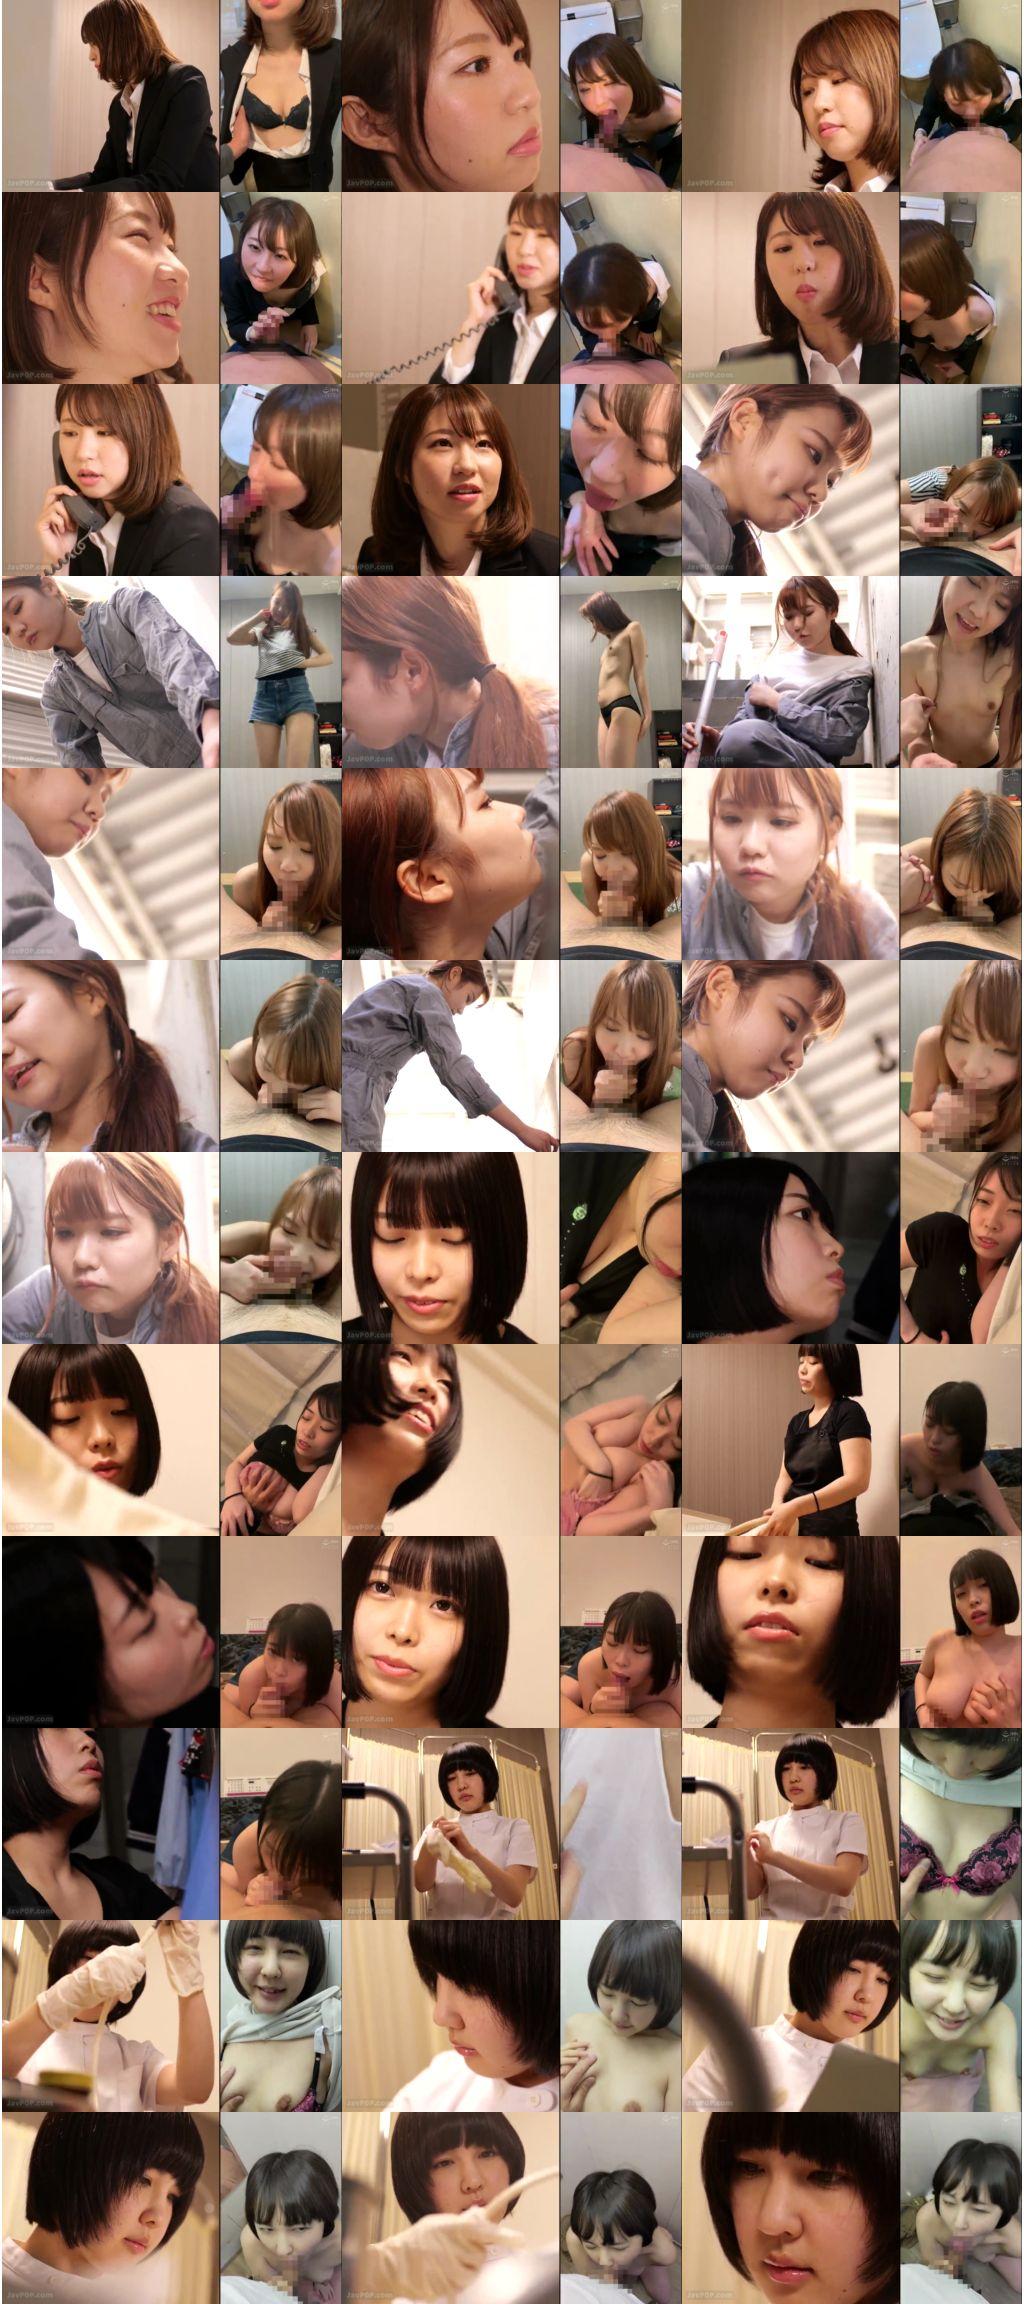 agmx 083 s - [AGMX-083] 二画面フェラ~働く私、フェラする私、二面性のある私~ Sex Agent Yuuki Mogera  その他フェチ 結城モゲラ